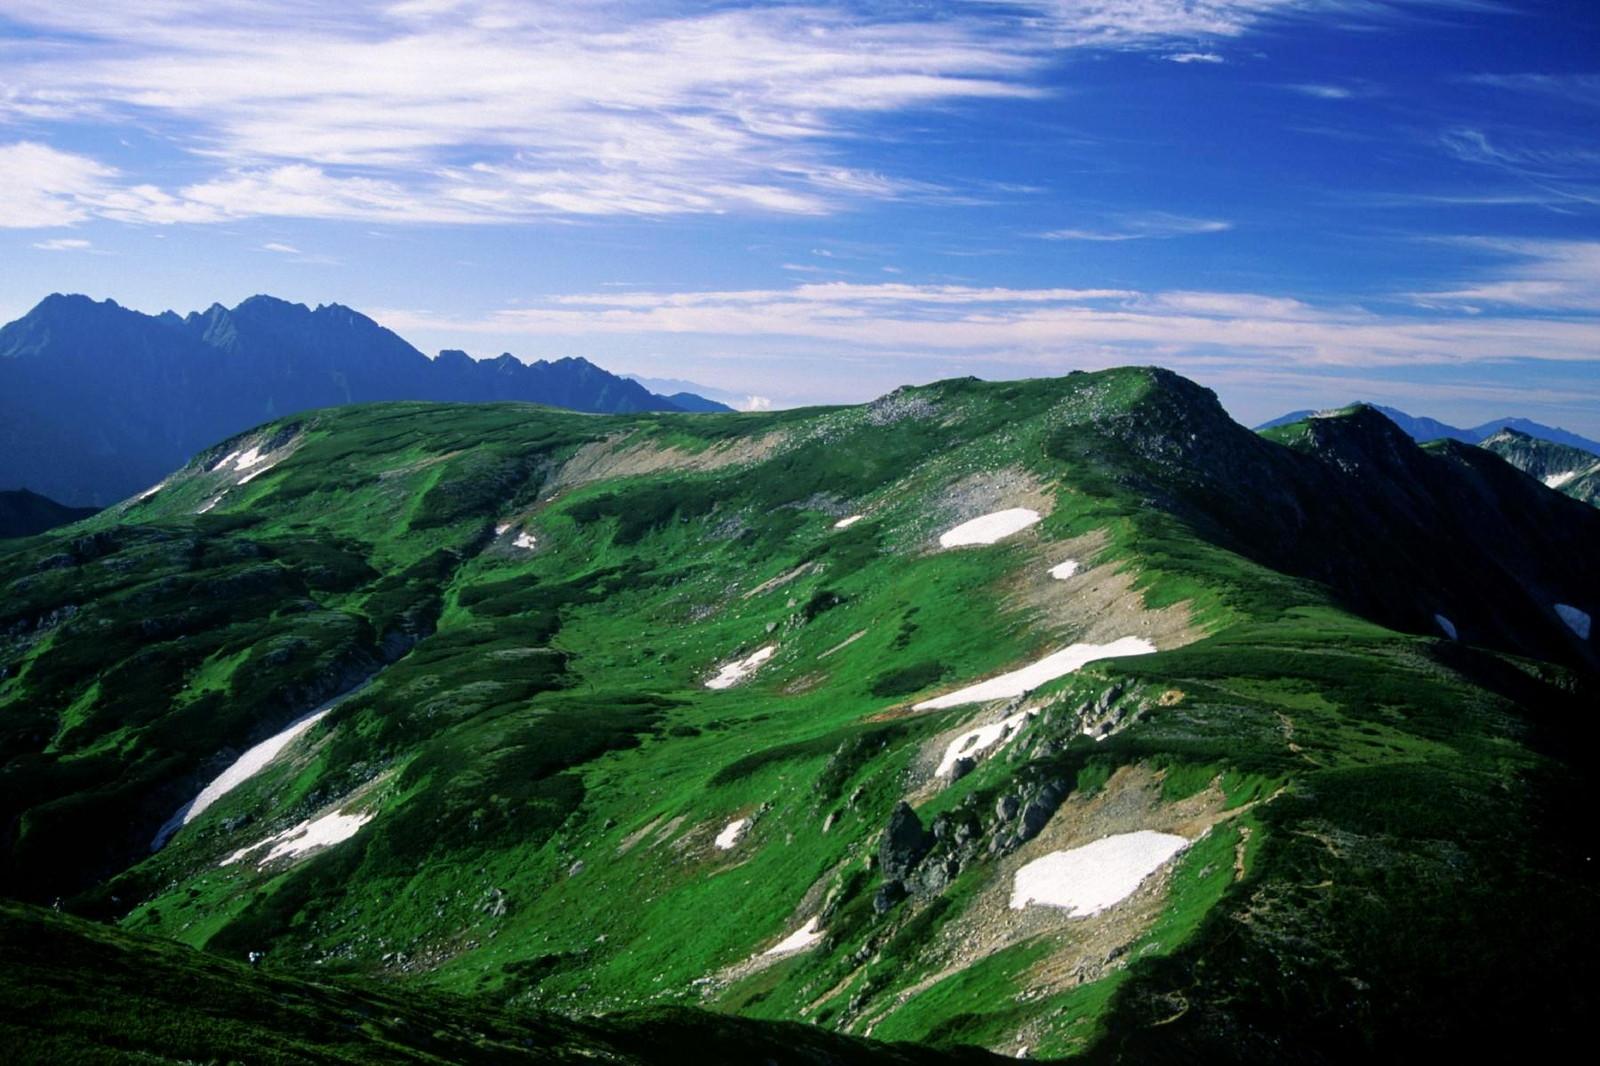 双六岳は美しい景色が広がる北アルプスの名山!おすすめのコースも紹介!